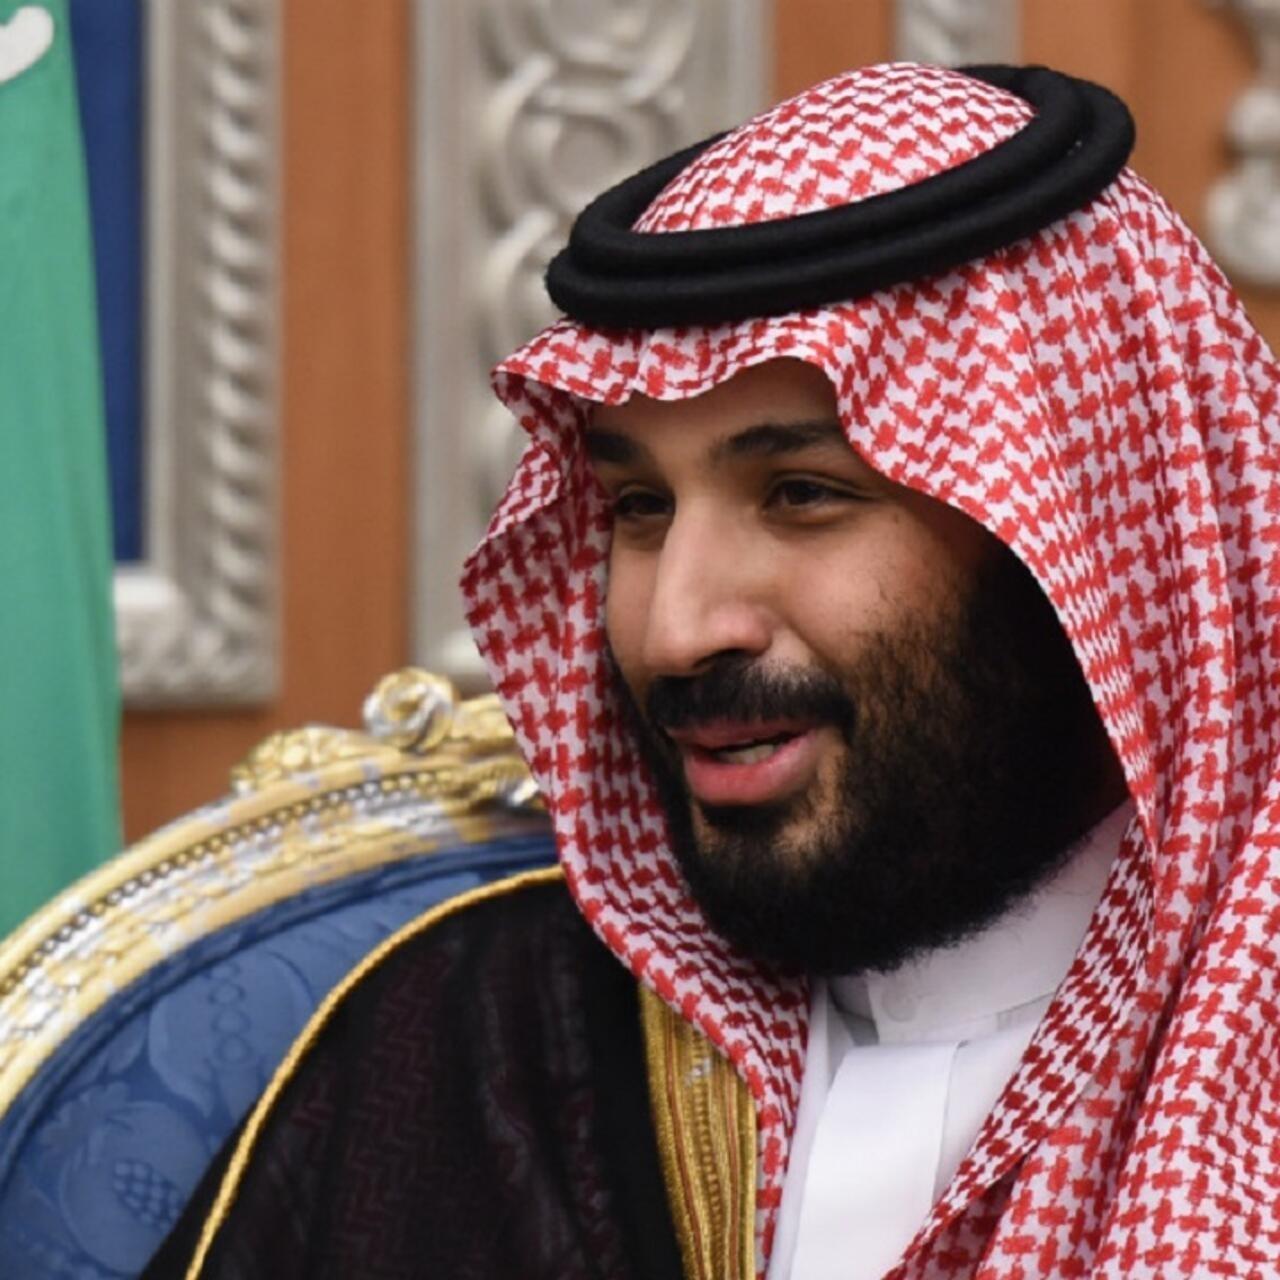 السعودية ظهور نادر لزوجة الأمير محمد بن سلمان في فعالية ليالي المشراق